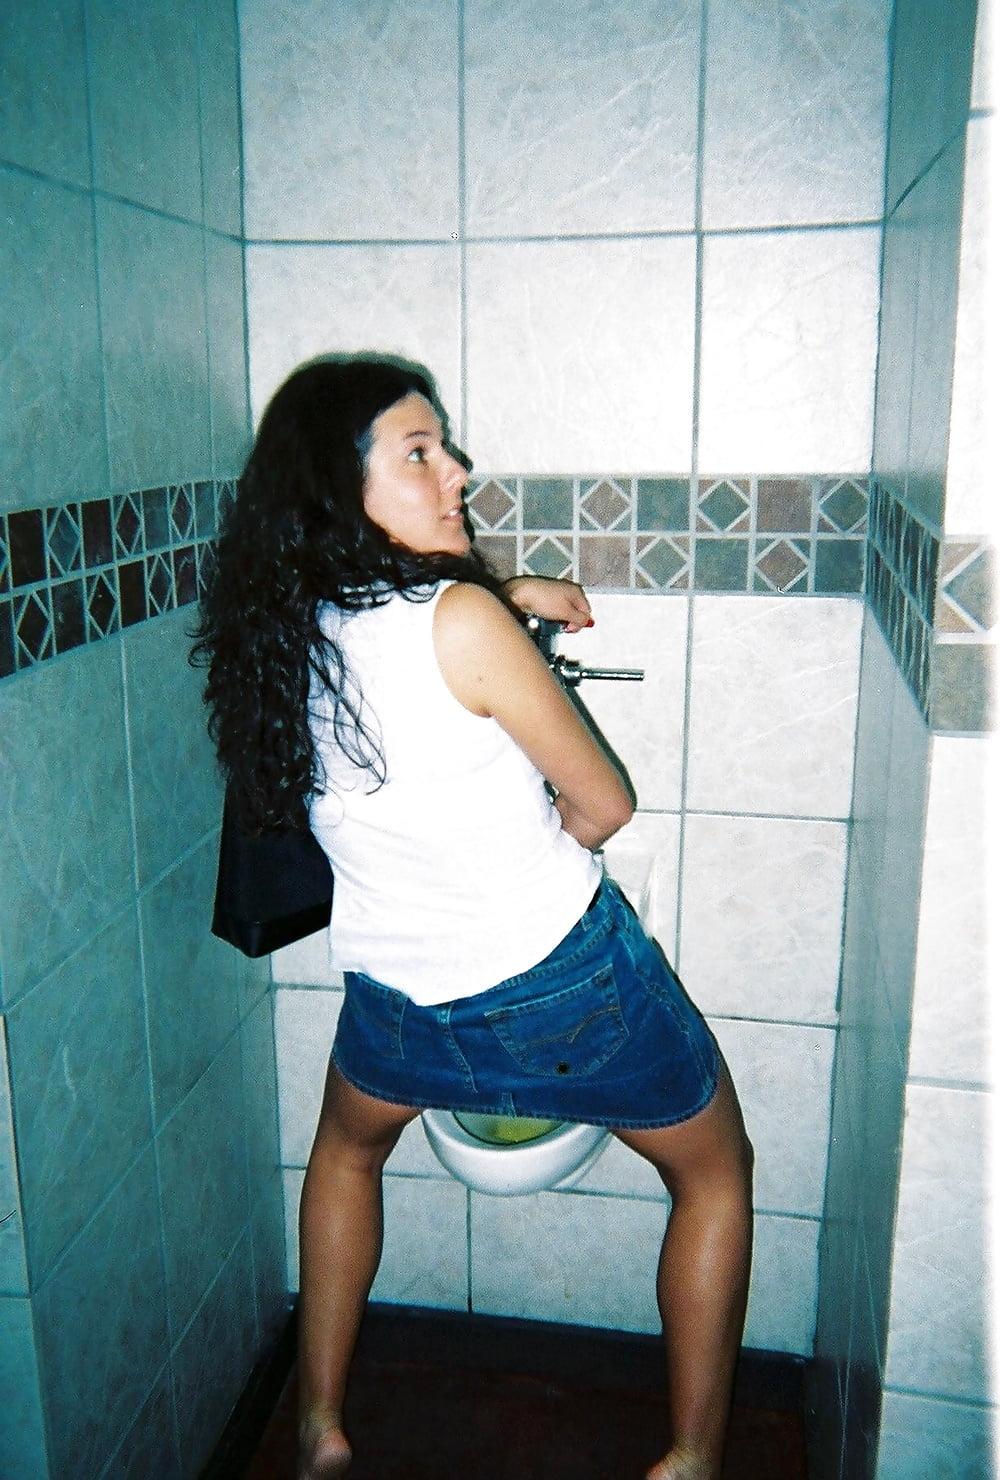 порно дате фото бабы в мужском туалете принятие